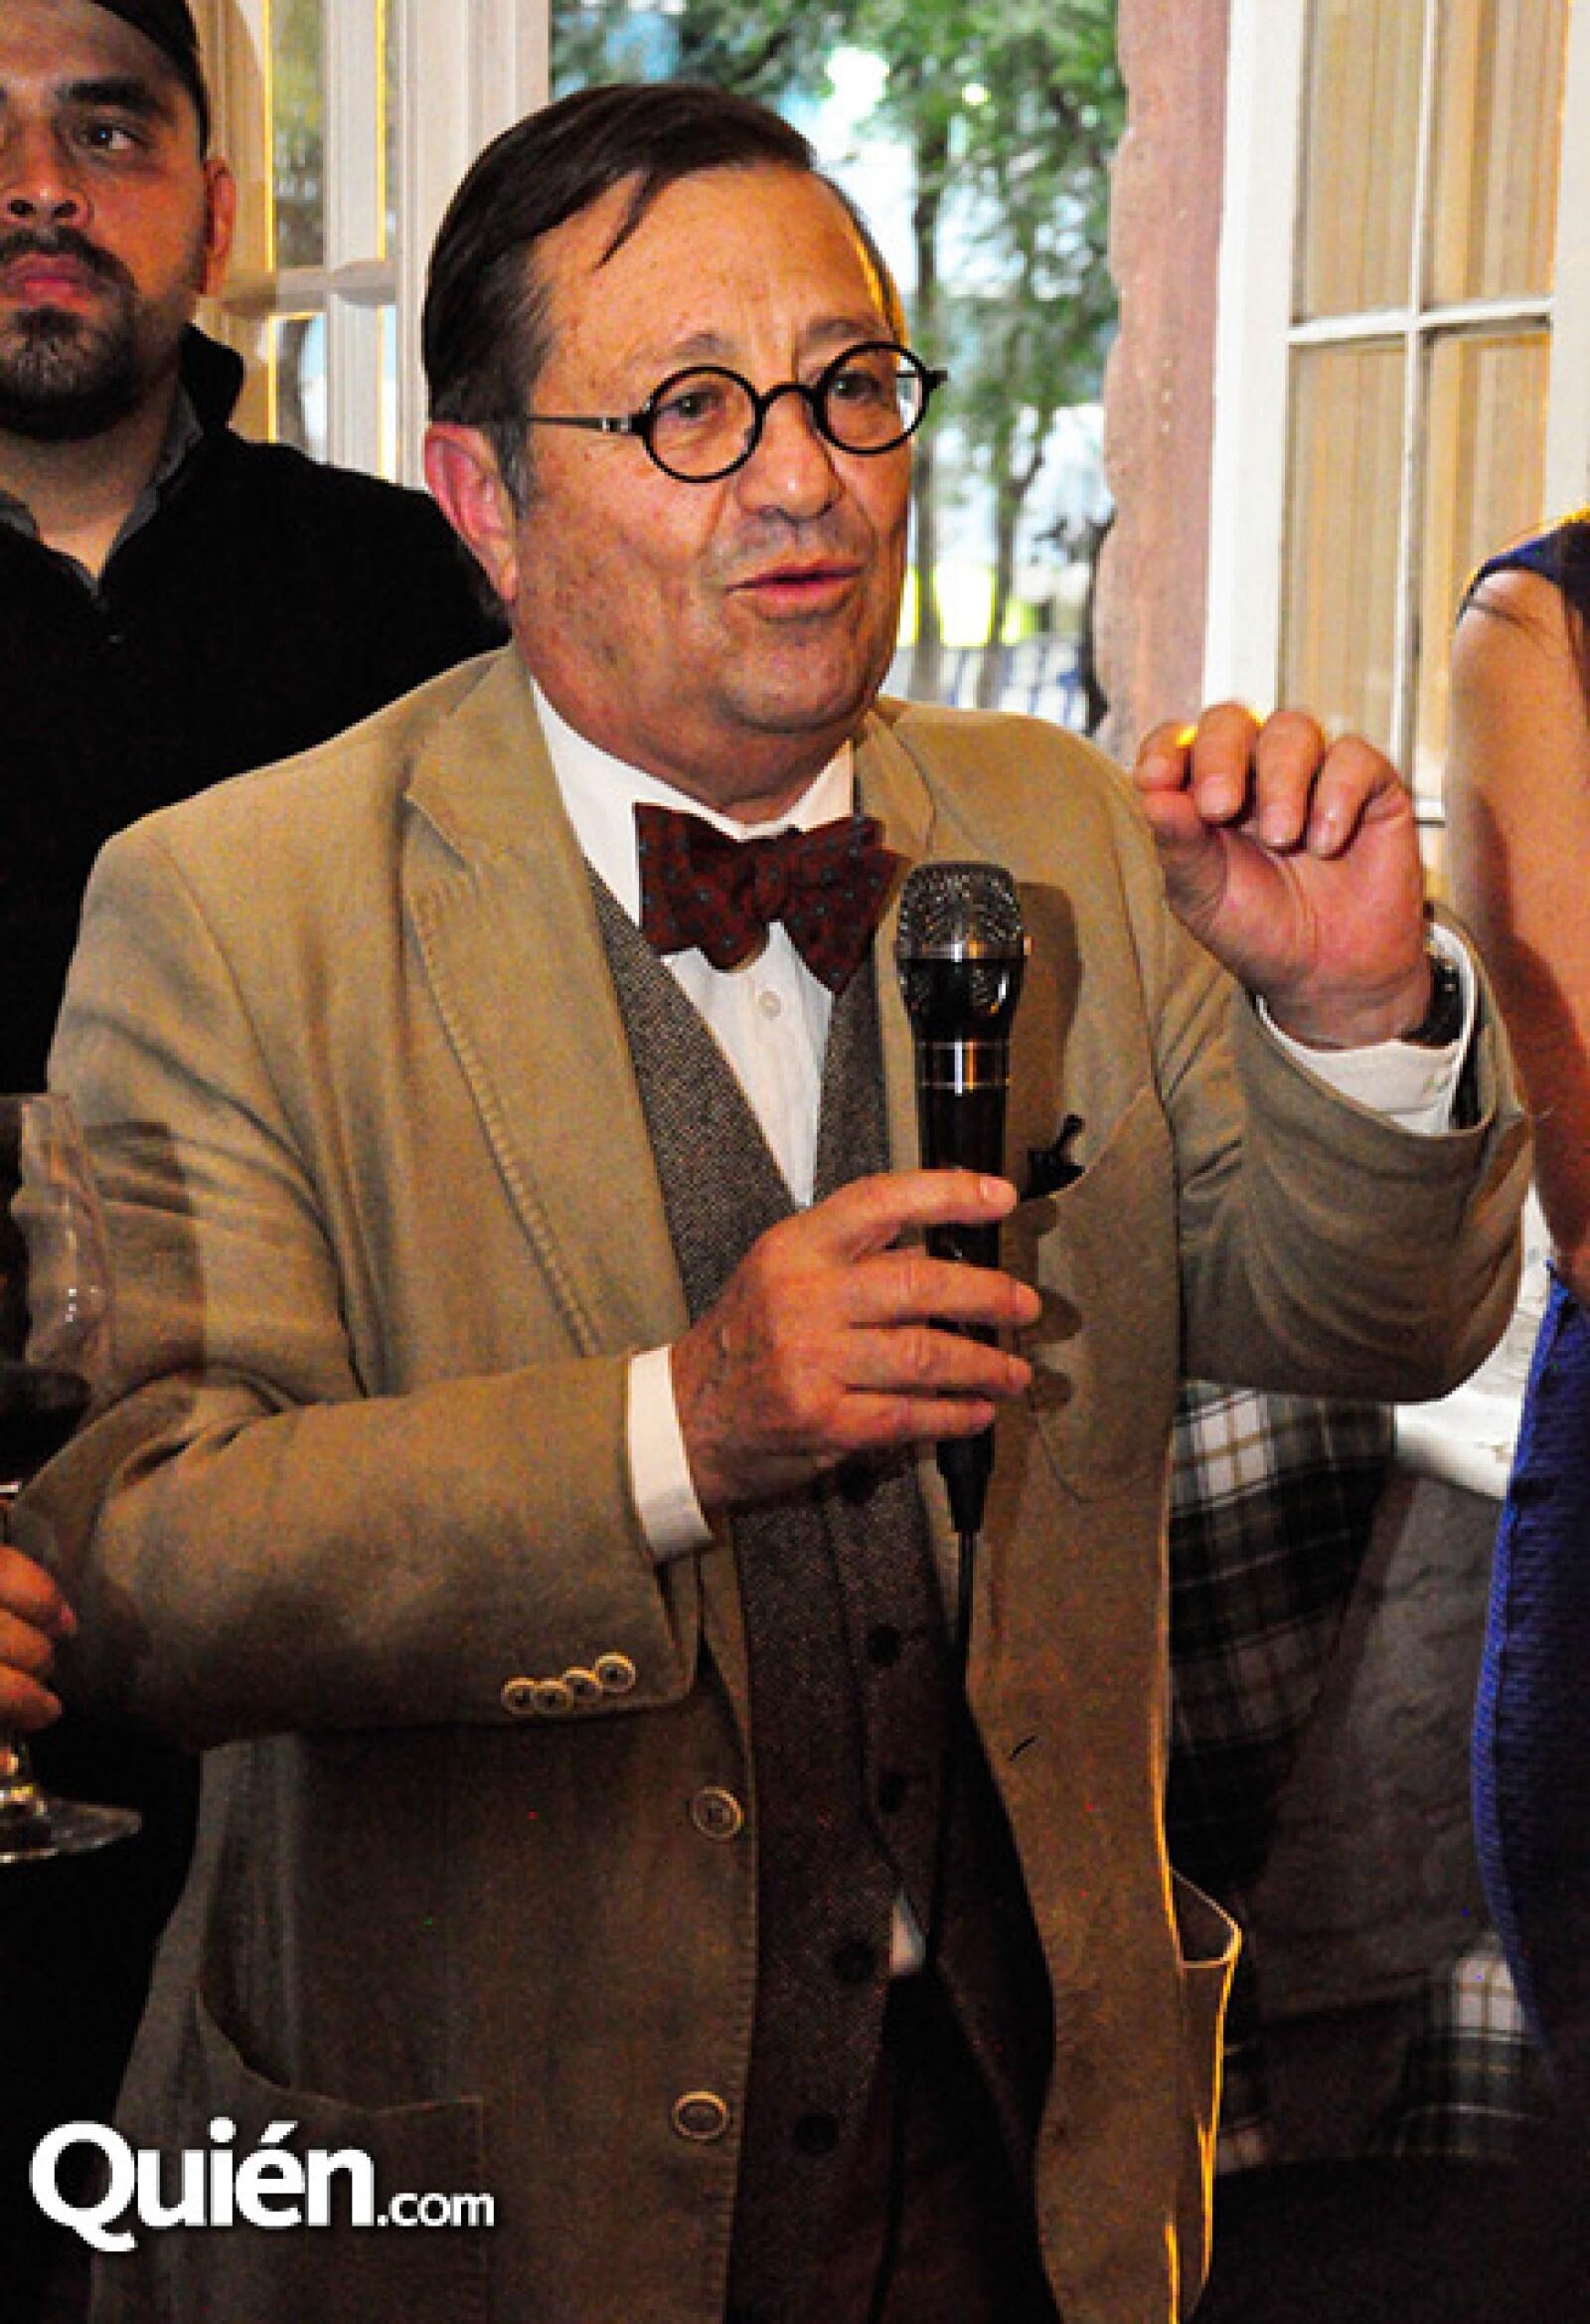 Felix Sánchez